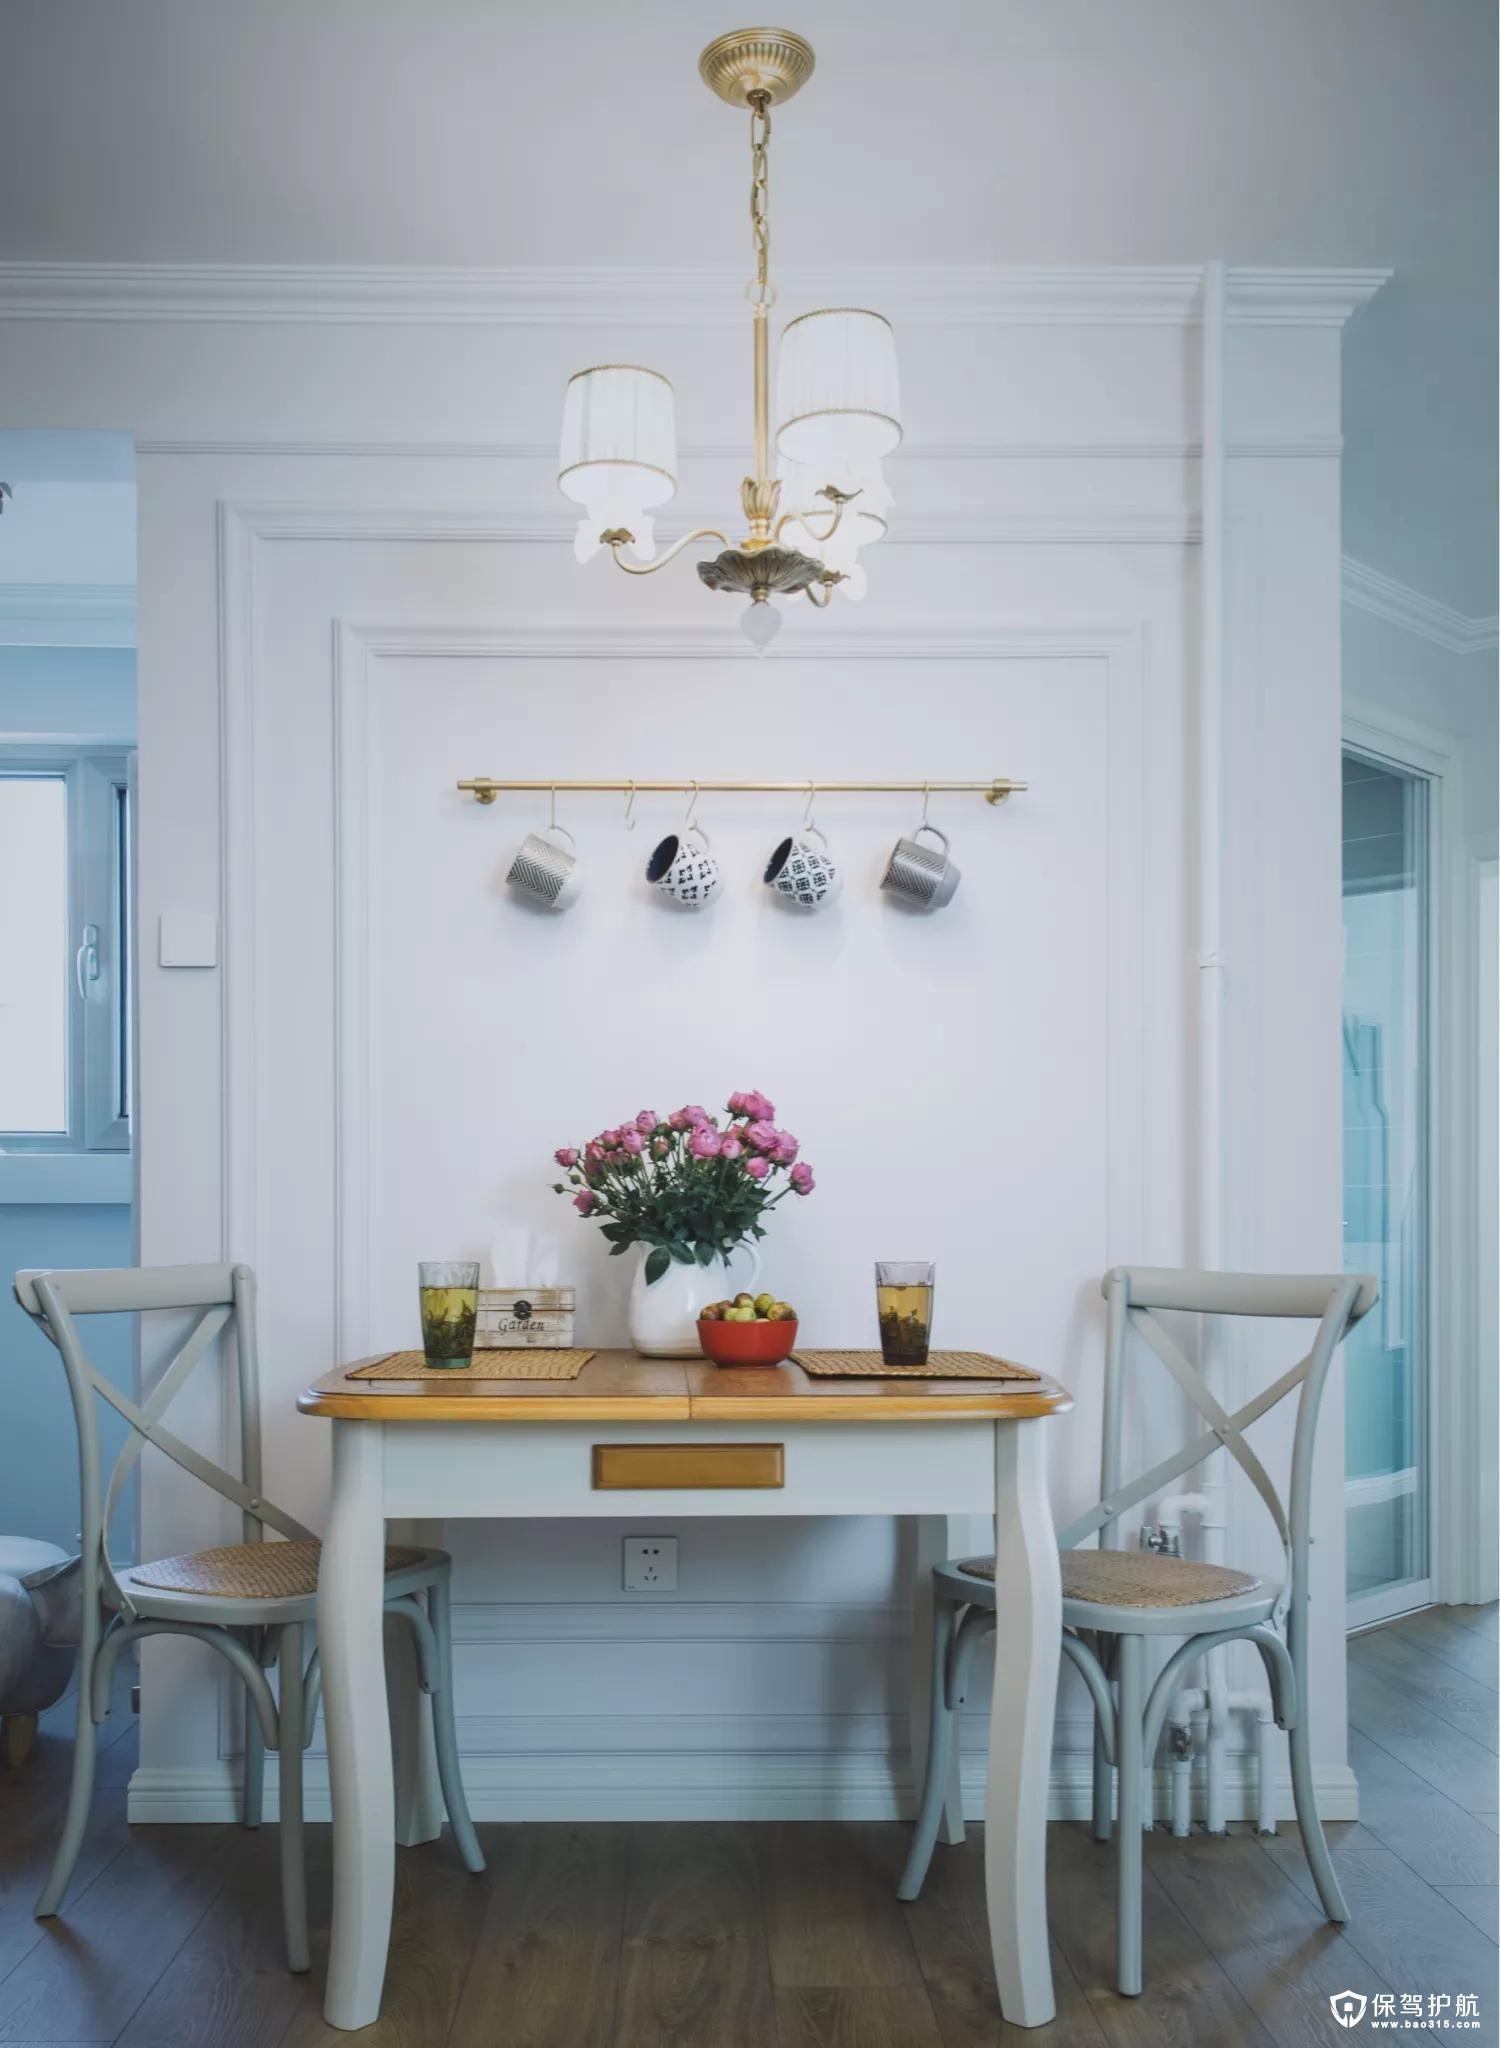 餐厅设置在客厅与其他空间的交界处,一张小巧的双人餐桌椅,旁边墙面装上精致的装饰线条,并以铜艺的挂杆挂上一些列的杯子,结合铜色的金属吊灯,还有餐桌上清新精致的布置,整个小餐厅都显得优雅端庄而又高档大方。